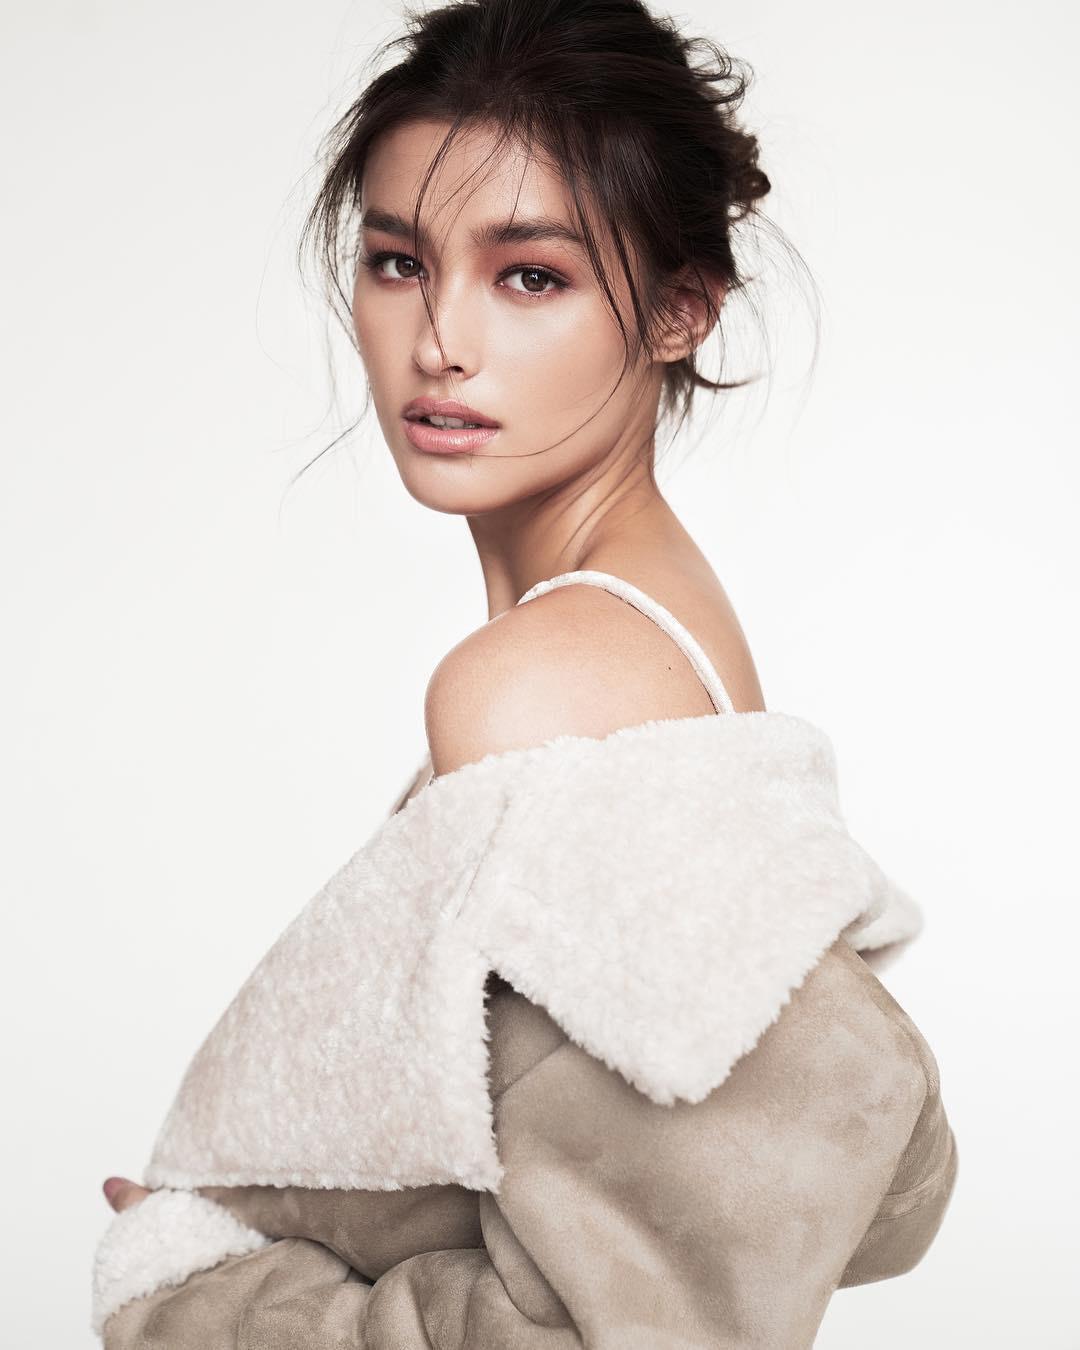 Nhan sắc của mỹ nhân đẹp nhất thế giới 2019